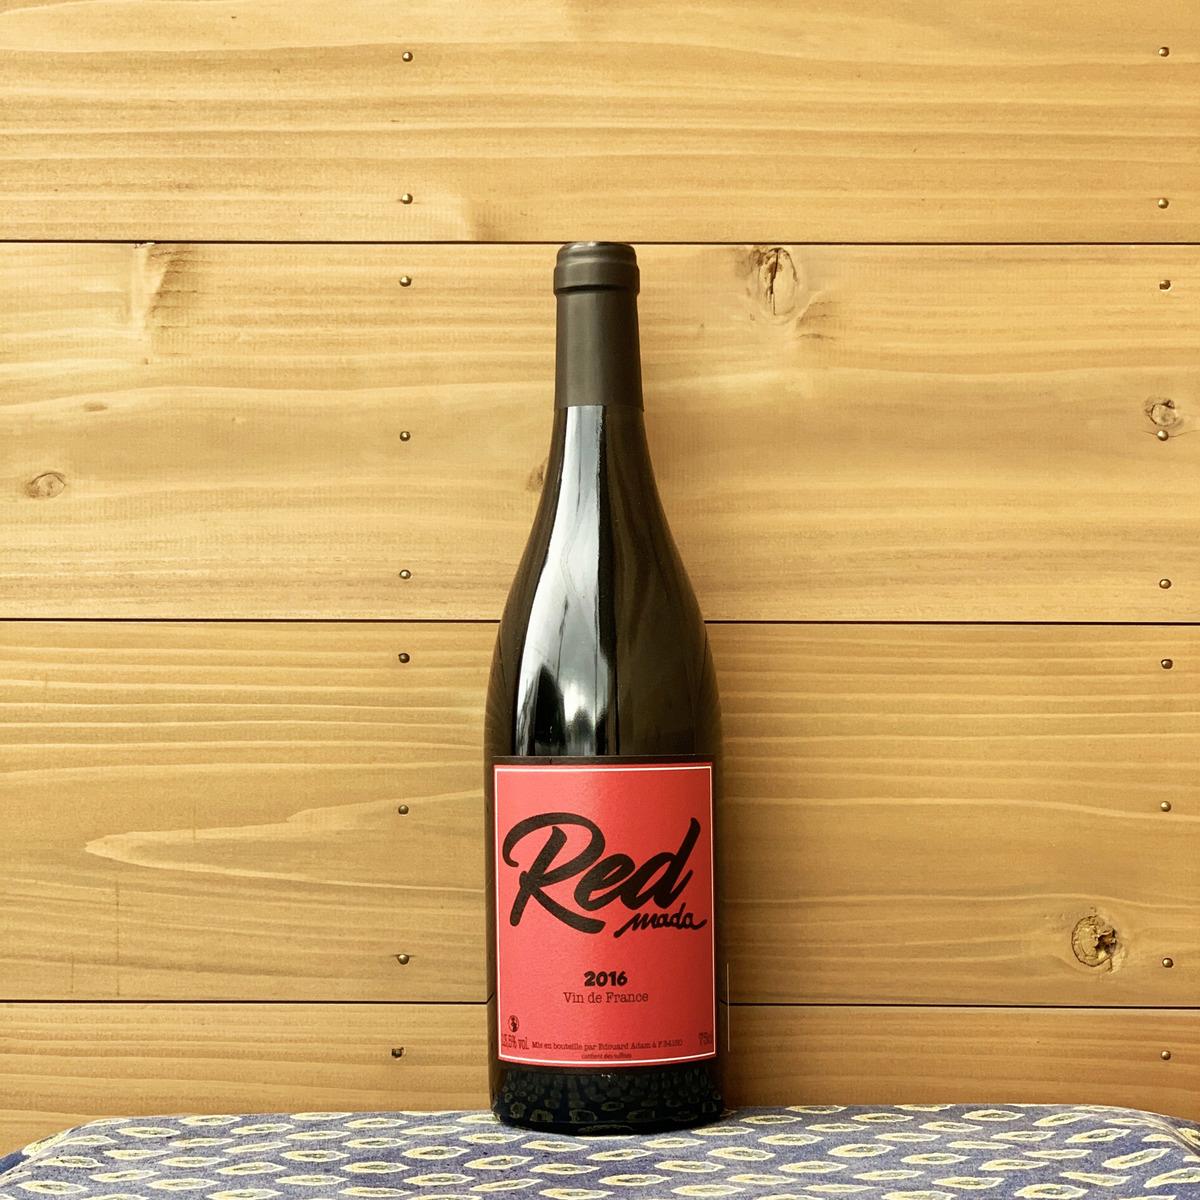 ラングドックの新星 エドワード アダムによる赤ワイン ラングドック地方 贈呈 フランス ドメーヌ 与え '16 レッド 自然派ワイン 赤ワイン マダ